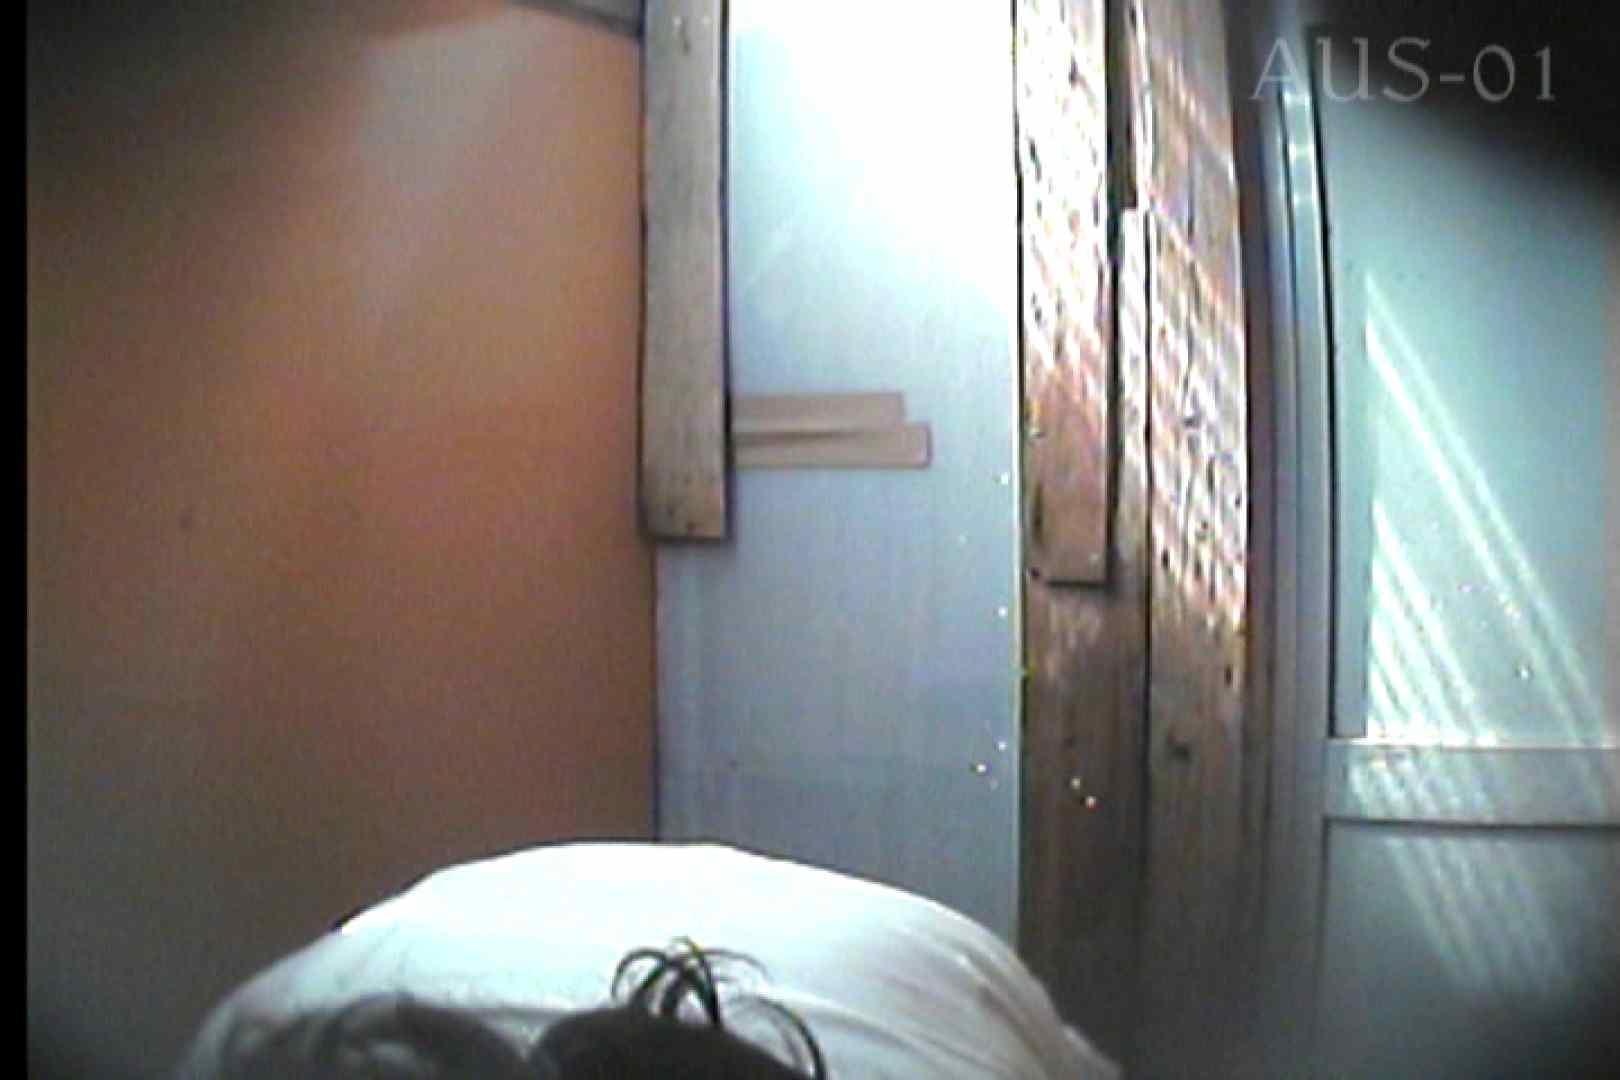 海の家の更衣室 Vol.03 エッチなOL 隠し撮りオマンコ動画紹介 93枚 26